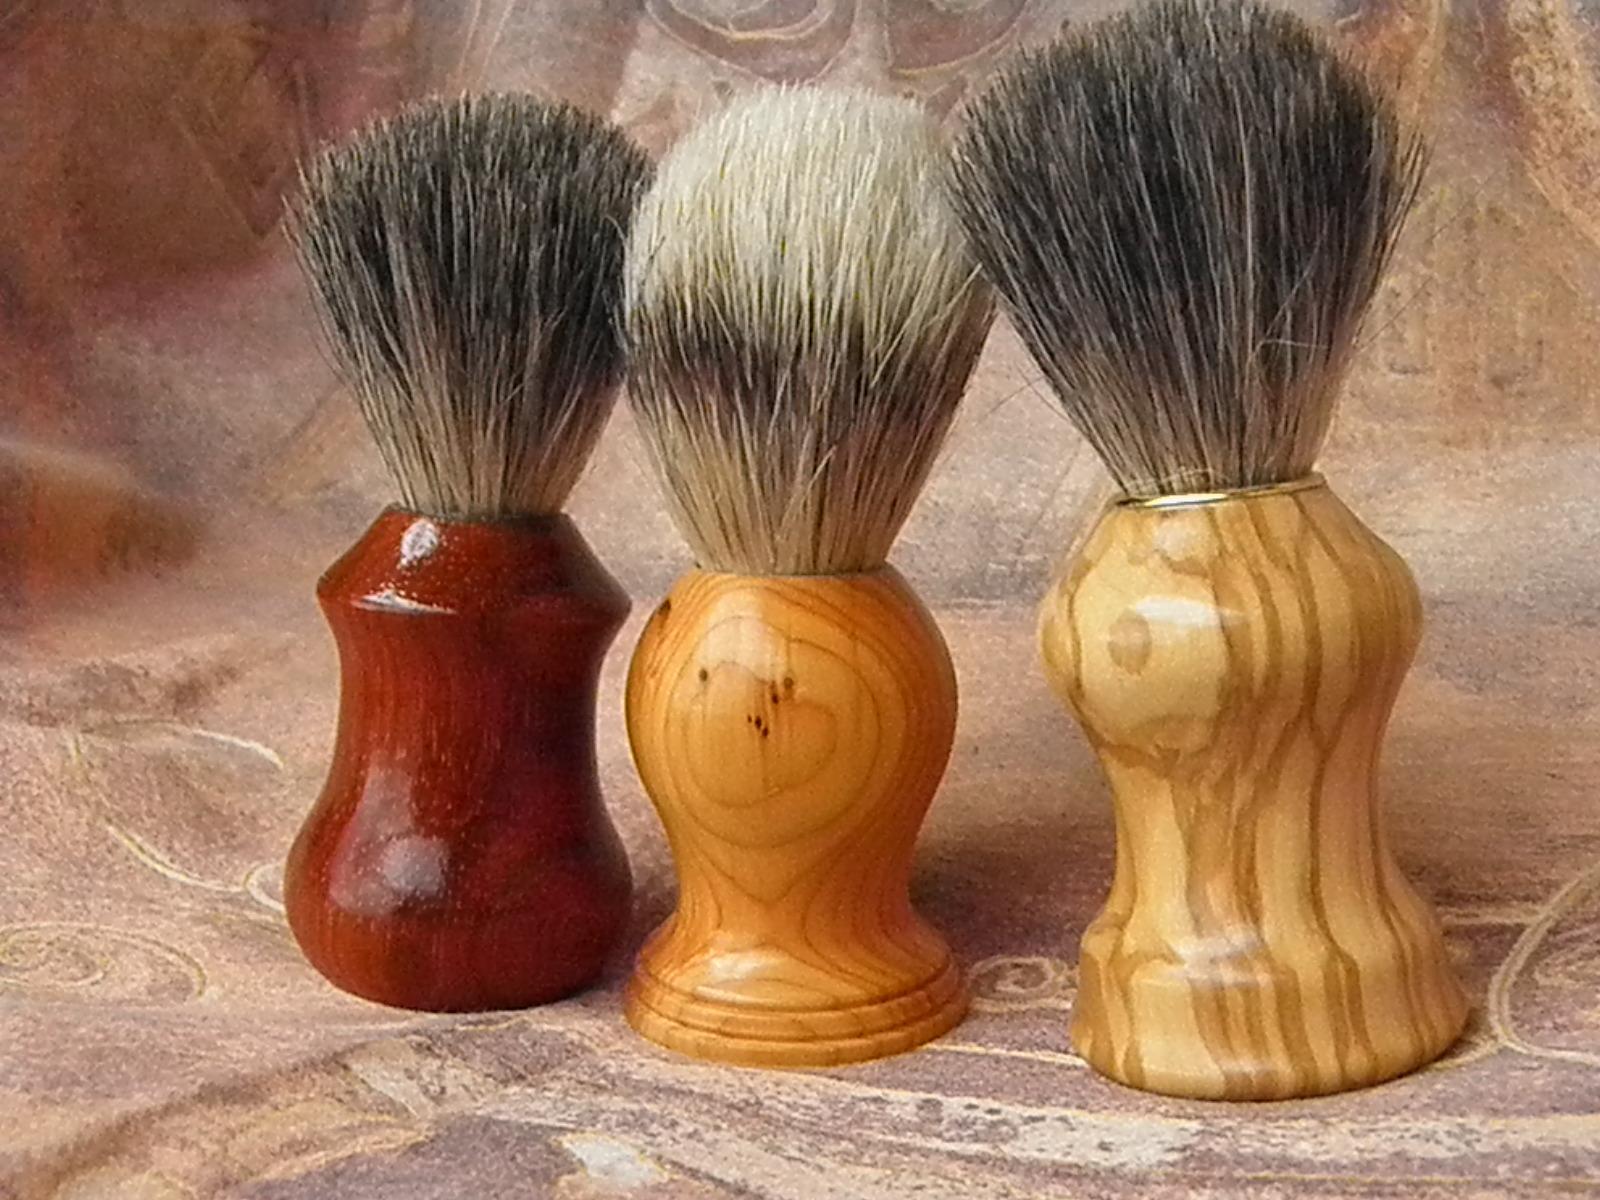 Tour A Bois Accessoires tout accessoires de rasage | woodart: stylos, coutellerie, pendules